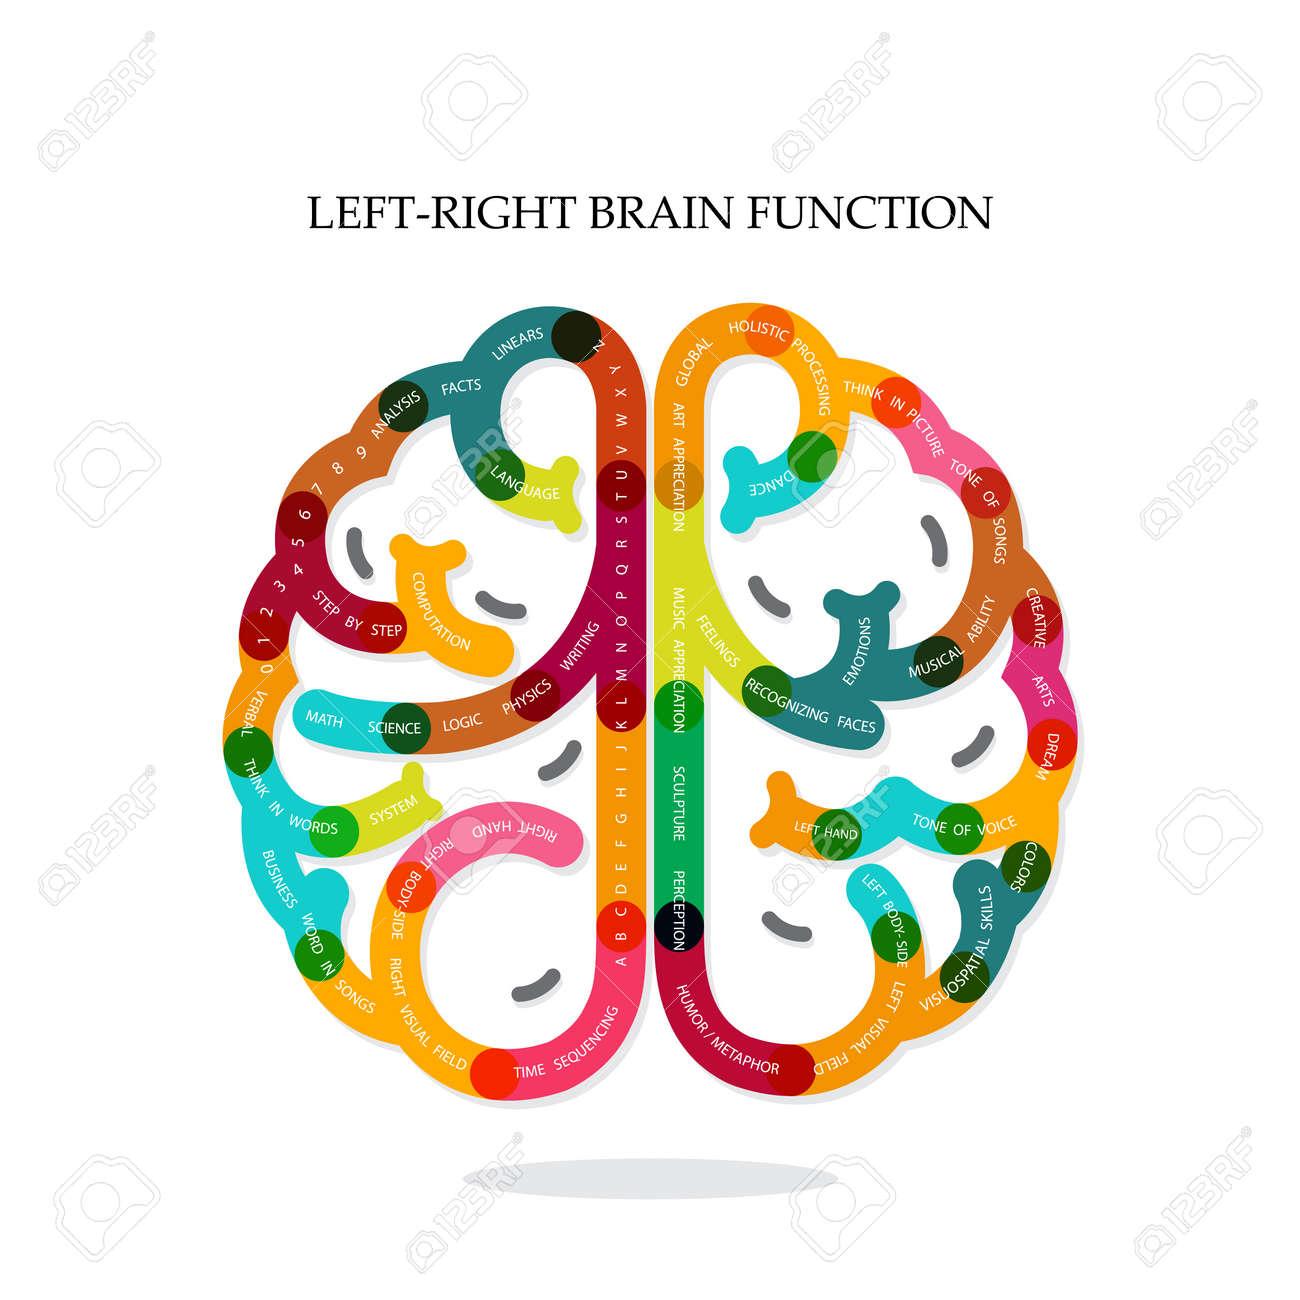 Kreative Infografiken Linke Und Rechte Gehirnfunktion Ideen Auf ...